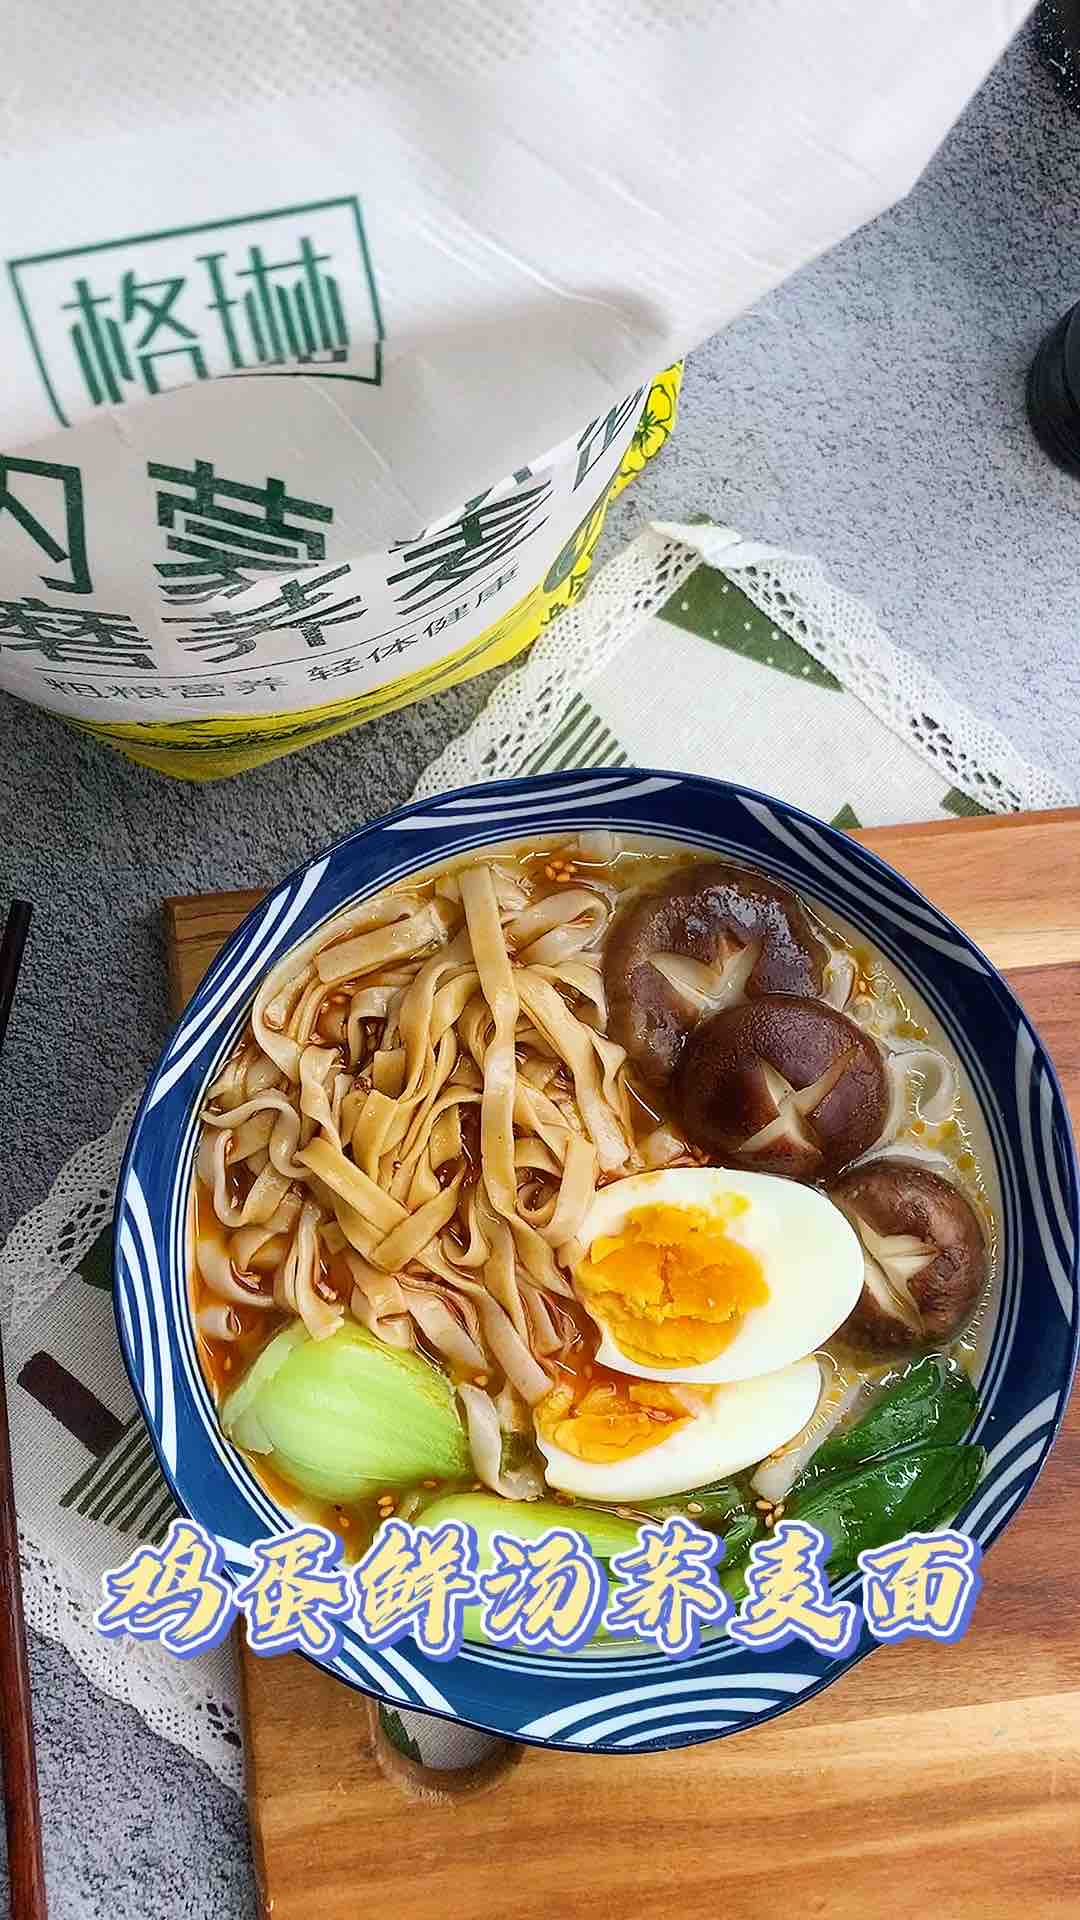 鸡蛋鲜汤荞麦面